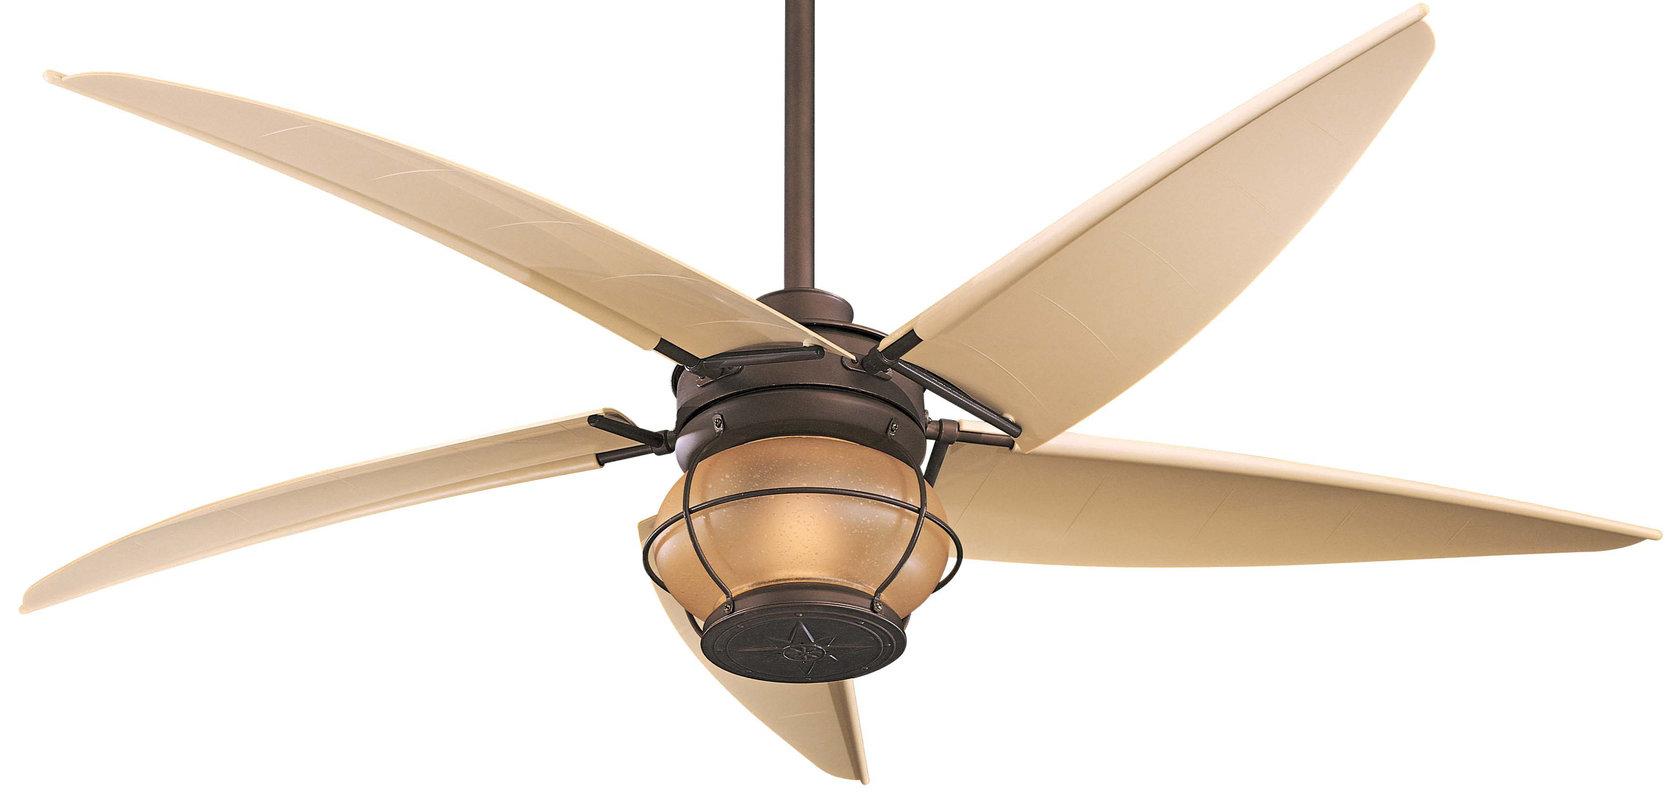 ceiling fan light cap photo - 4